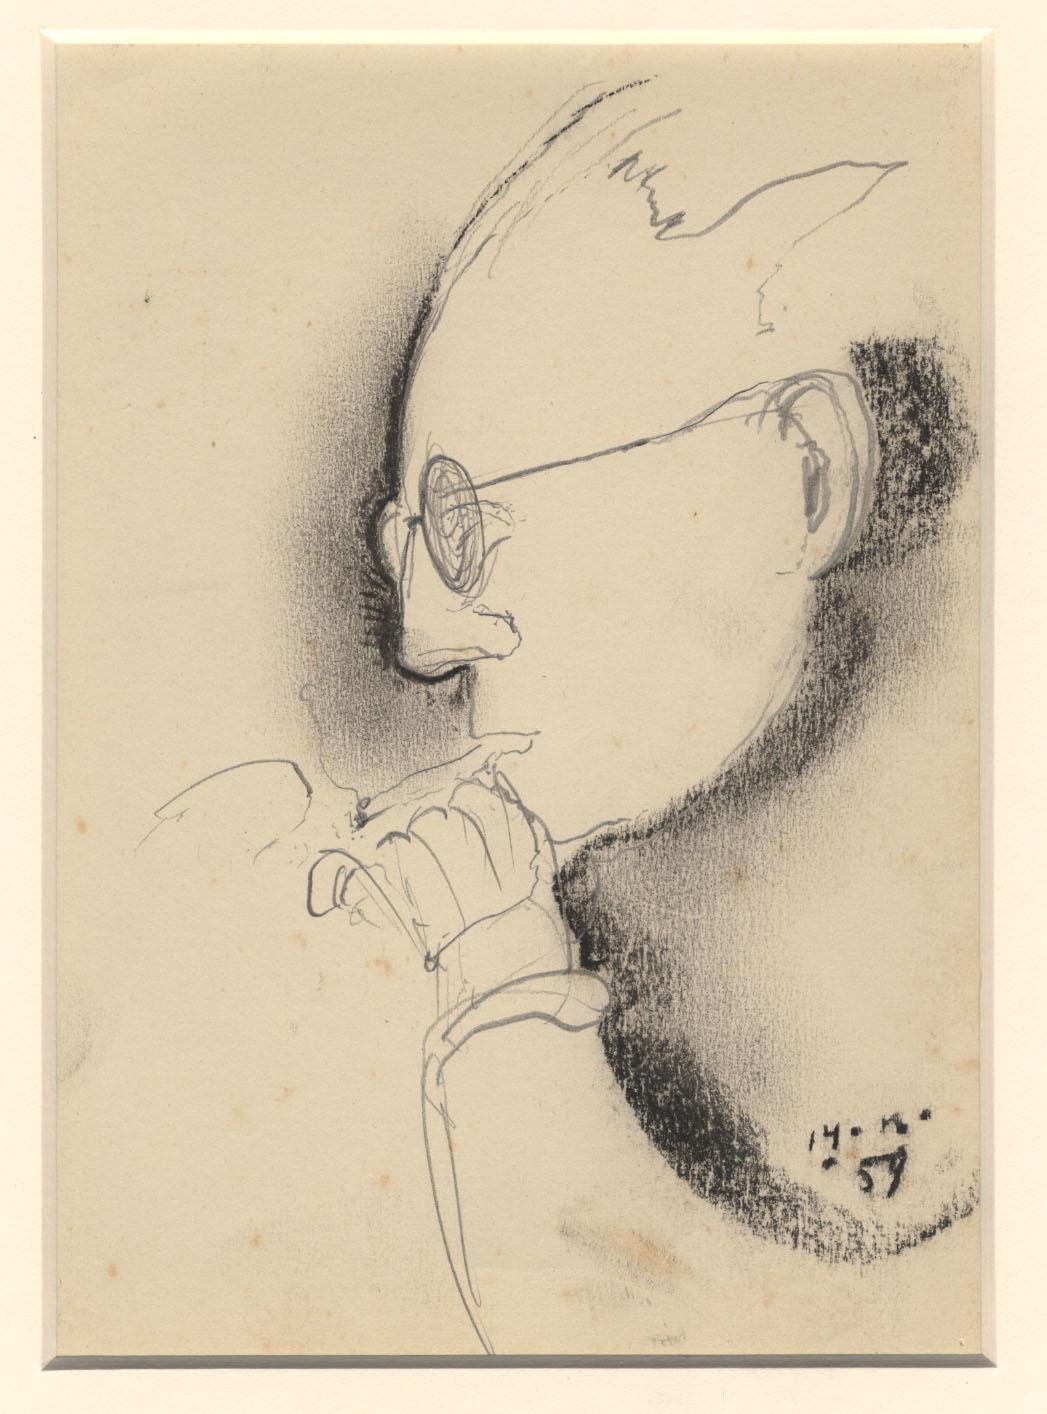 Rokende man met een bril op